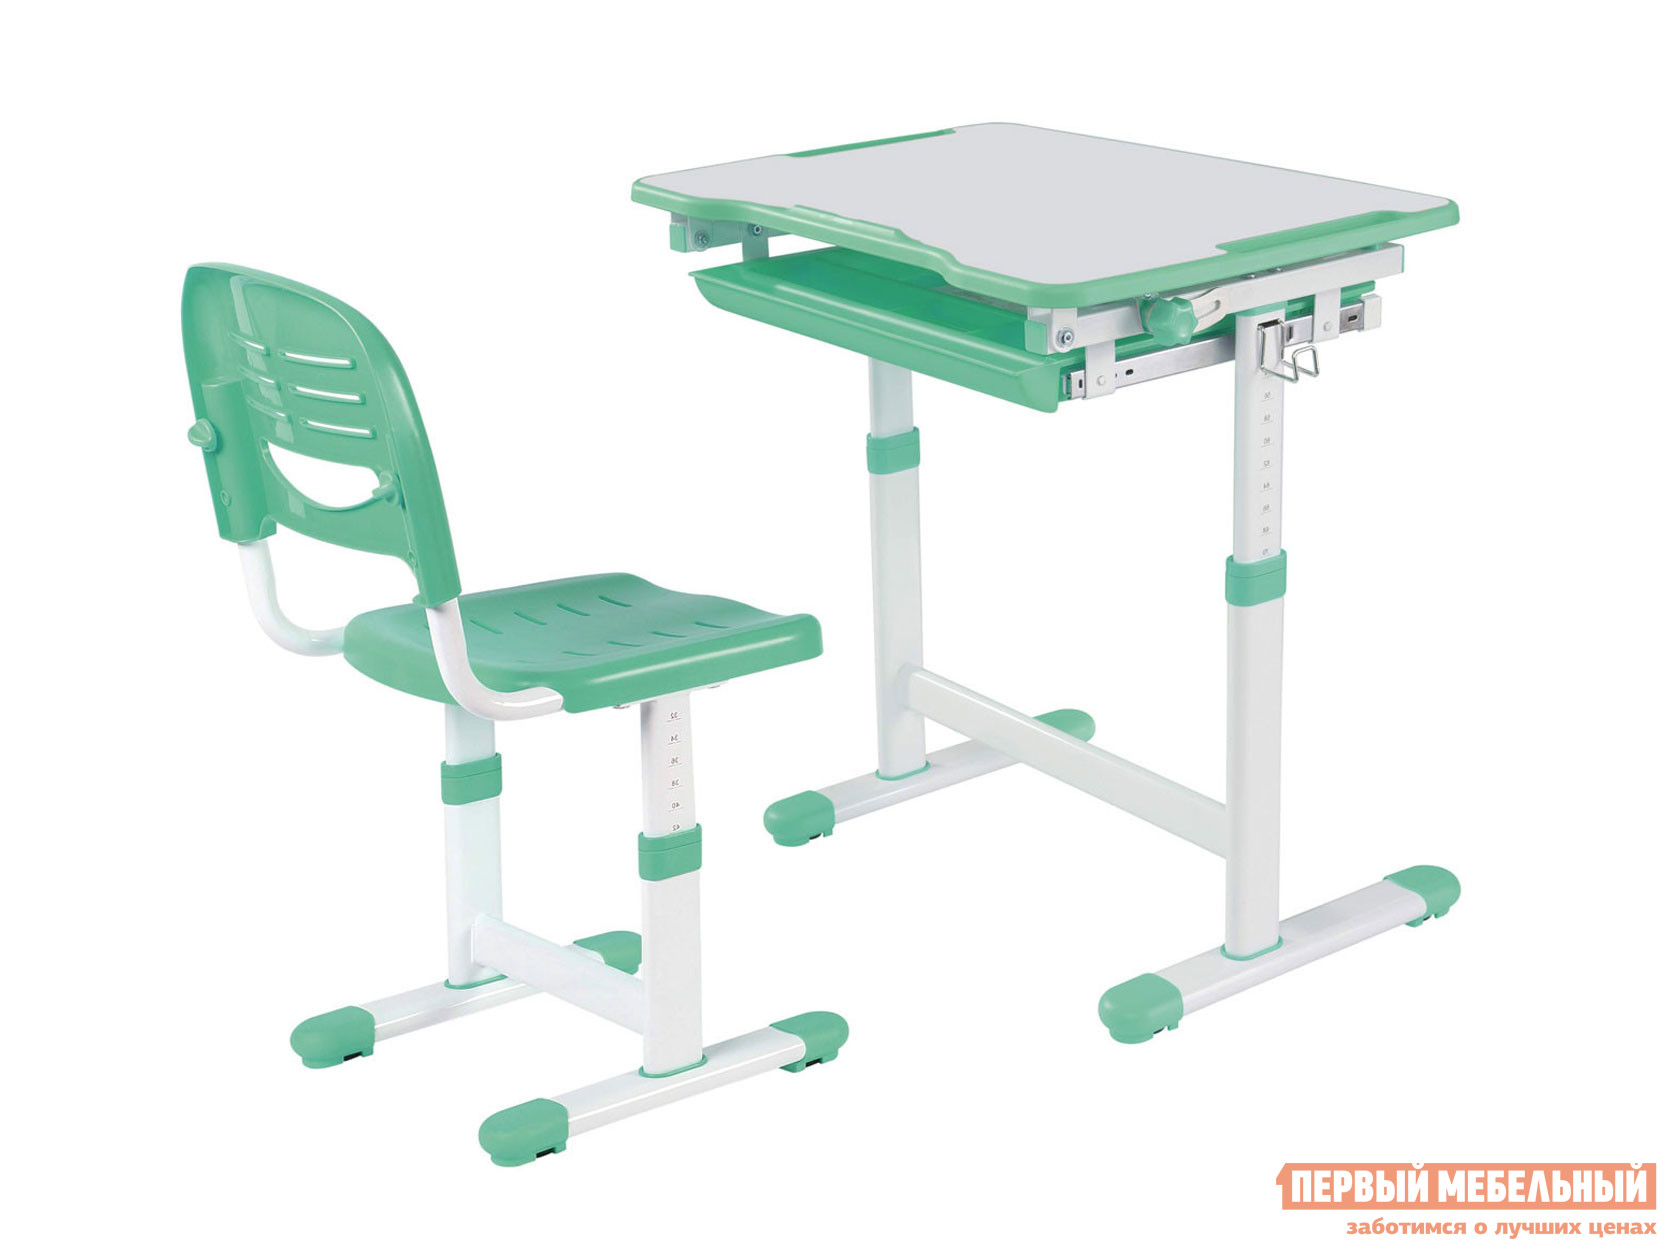 Парта со стулом СКА Группа Комплект парта + стул трансформеры PICCOLINO парта fundesk piccolino ii grey со стулом